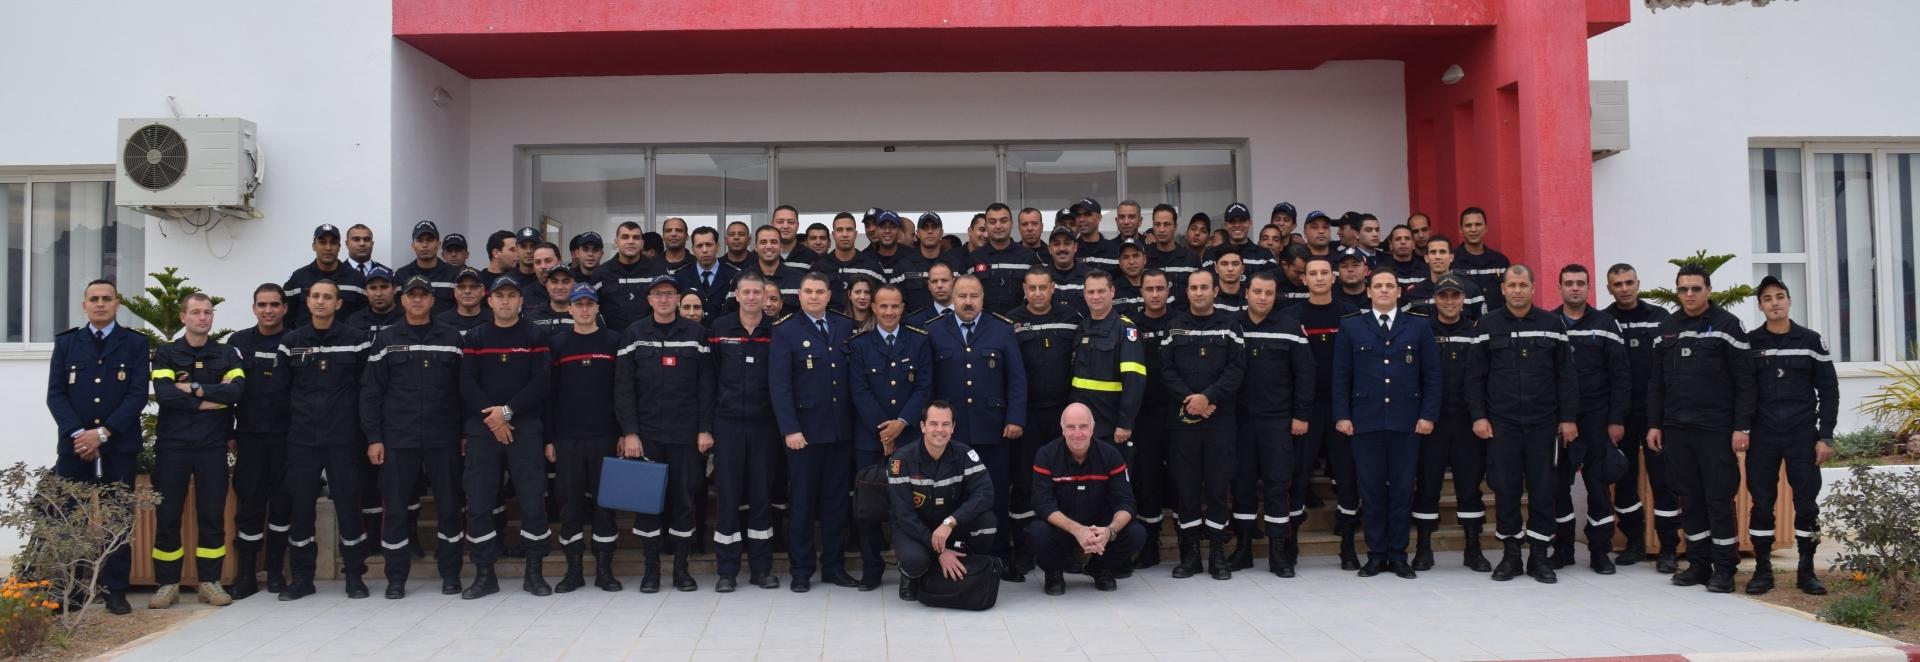 Préparation de la classification INSARAG de l'unité spéciale de la protection civile